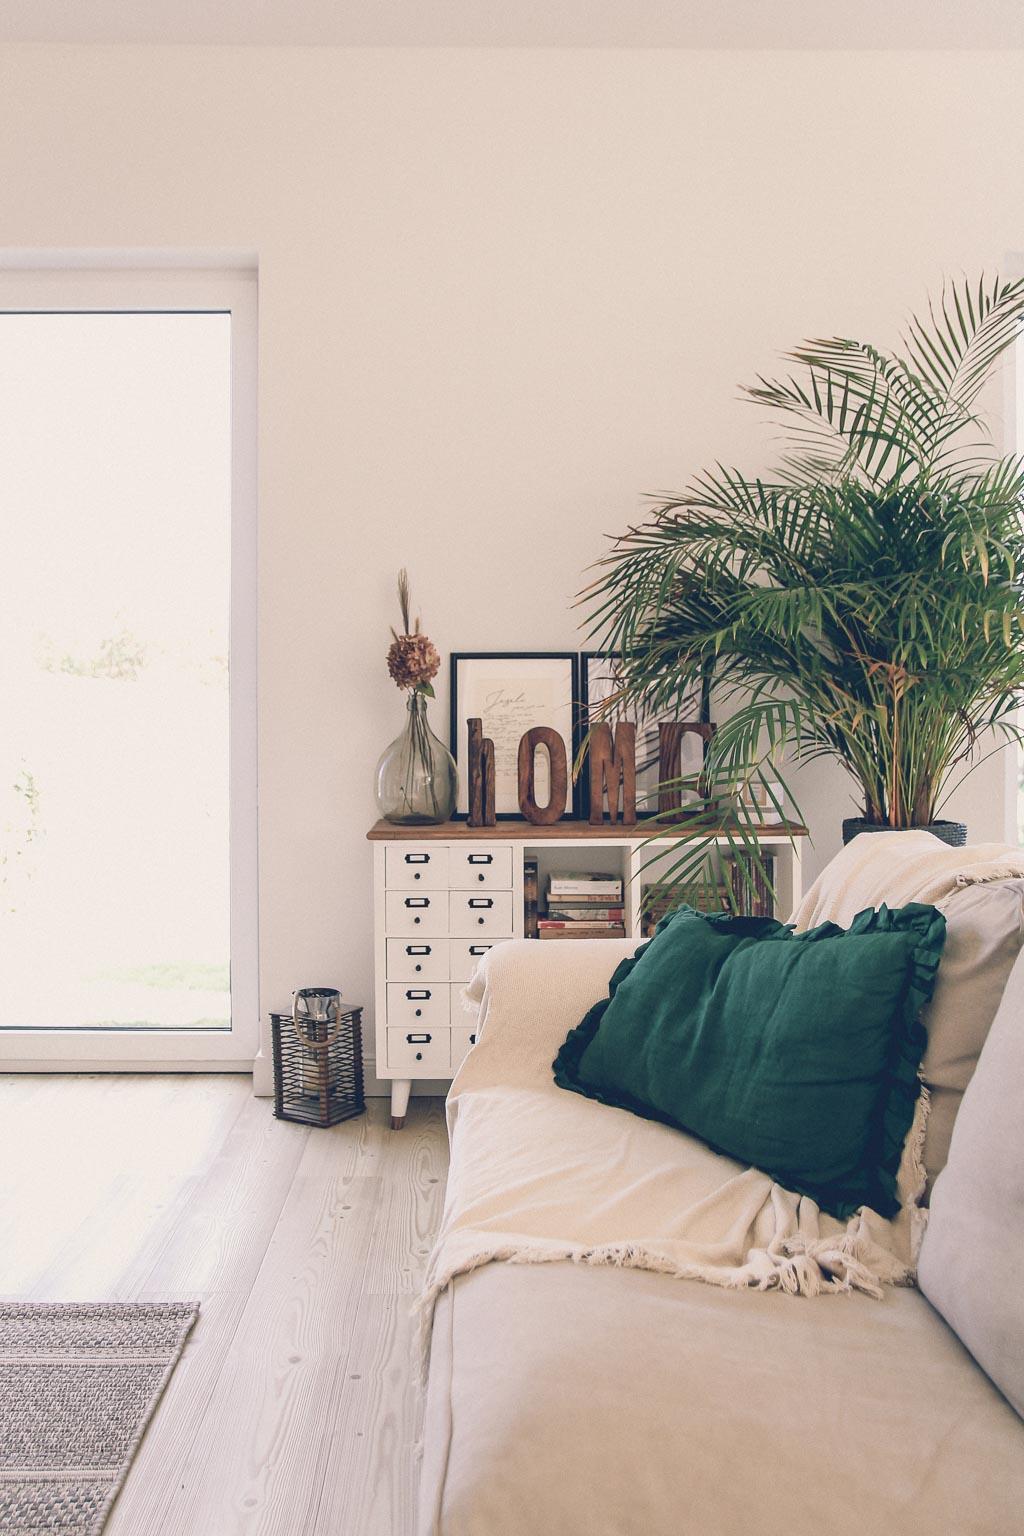 pomysły na jesienne dekoracje do domu